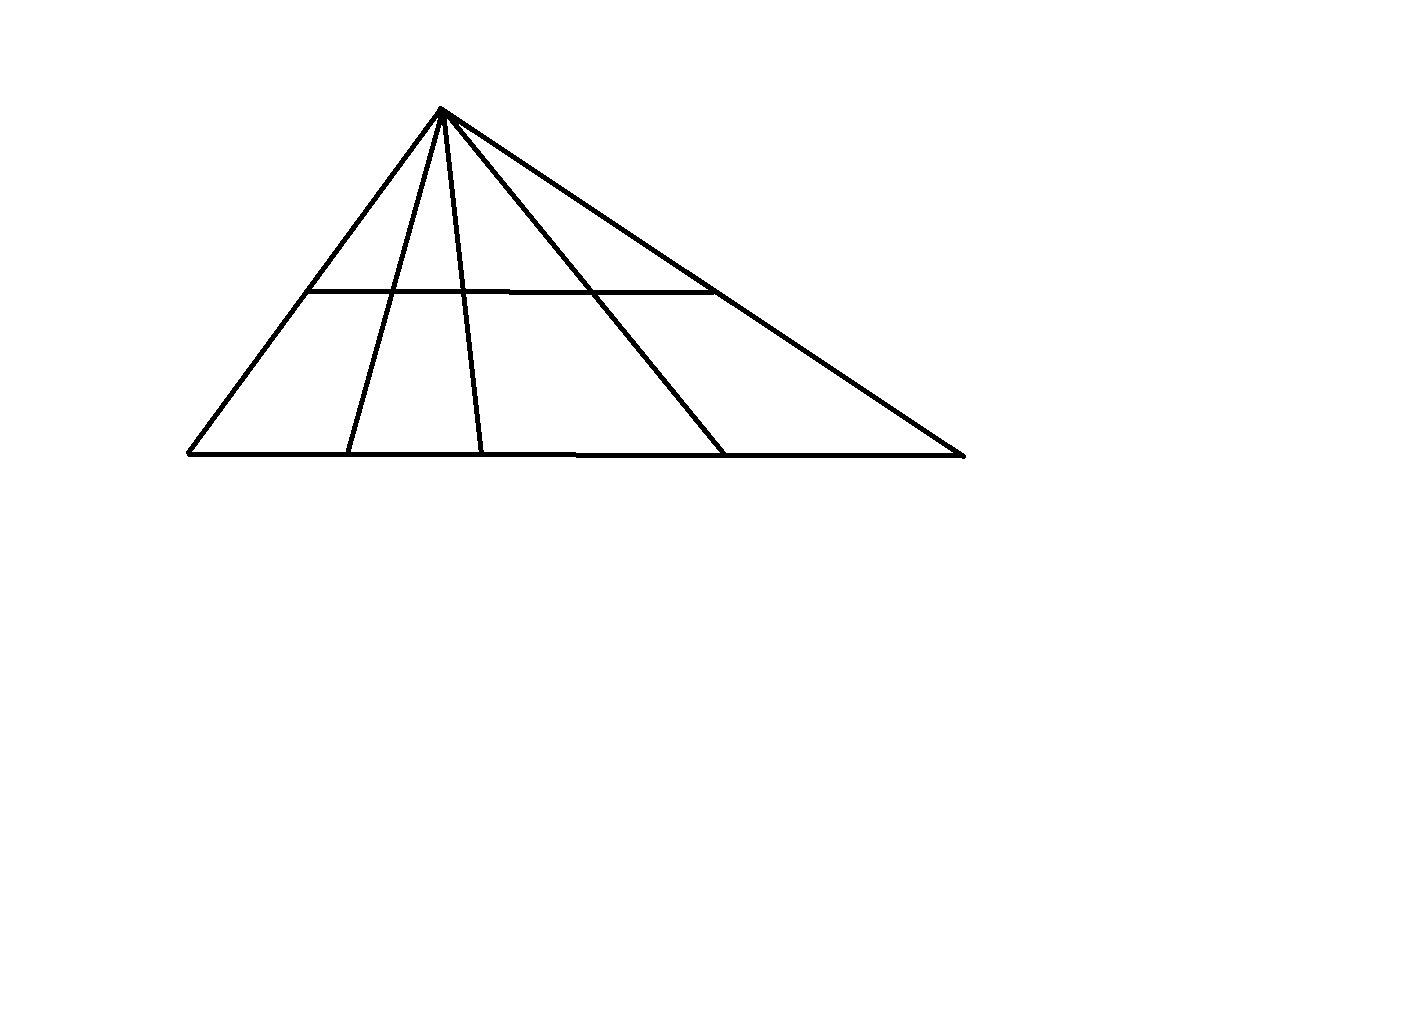 как оформить количество треугольников на картинке небольшого